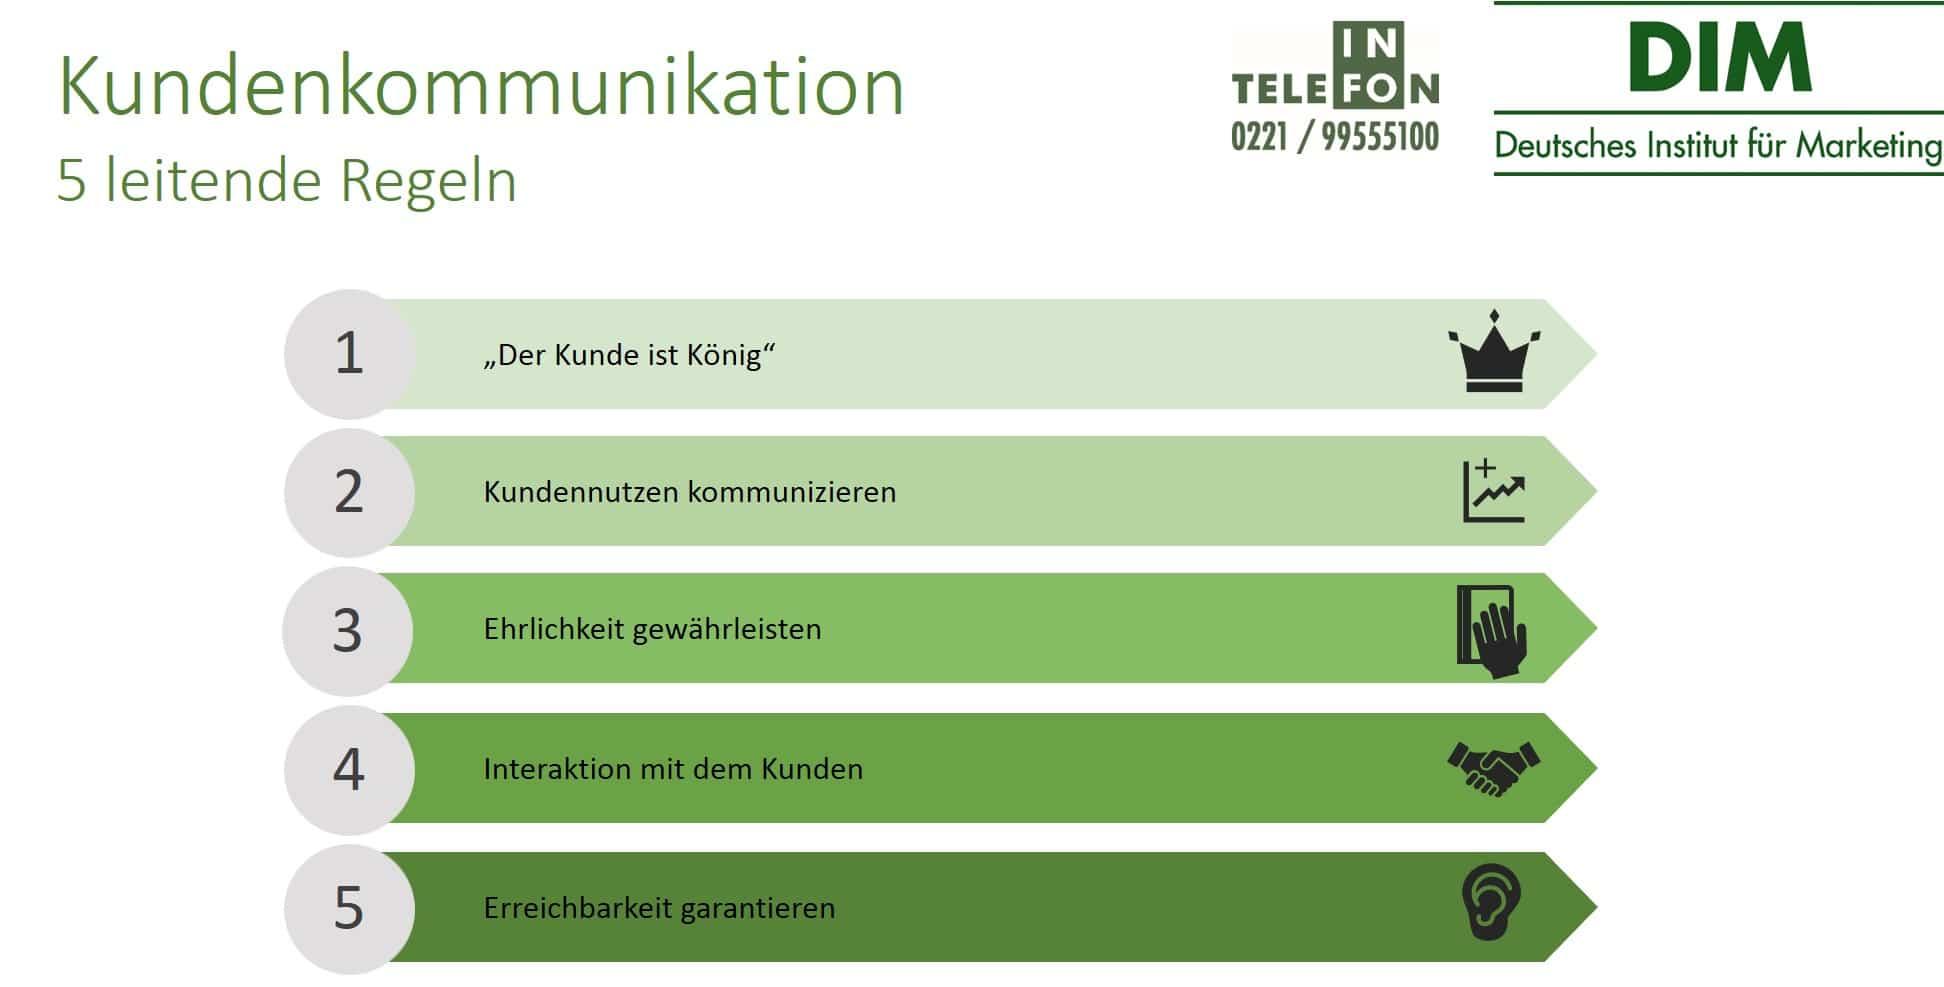 5 Regeln der Kundenkommunikation